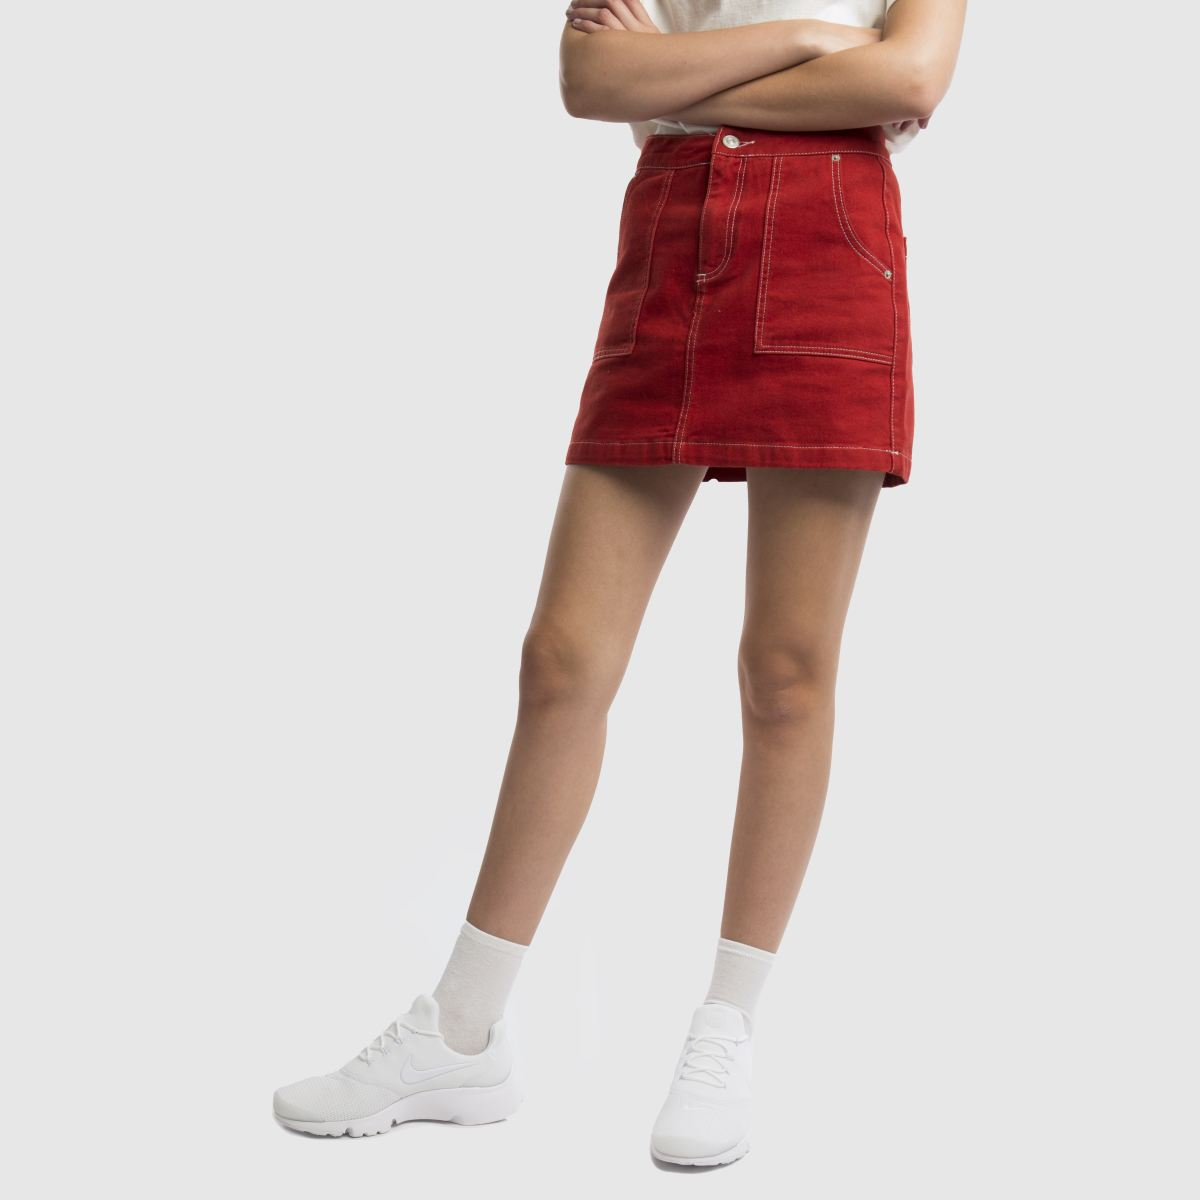 Damen Weiß nike Presto Fly Sneaker   schuh Gute Qualität beliebte Schuhe